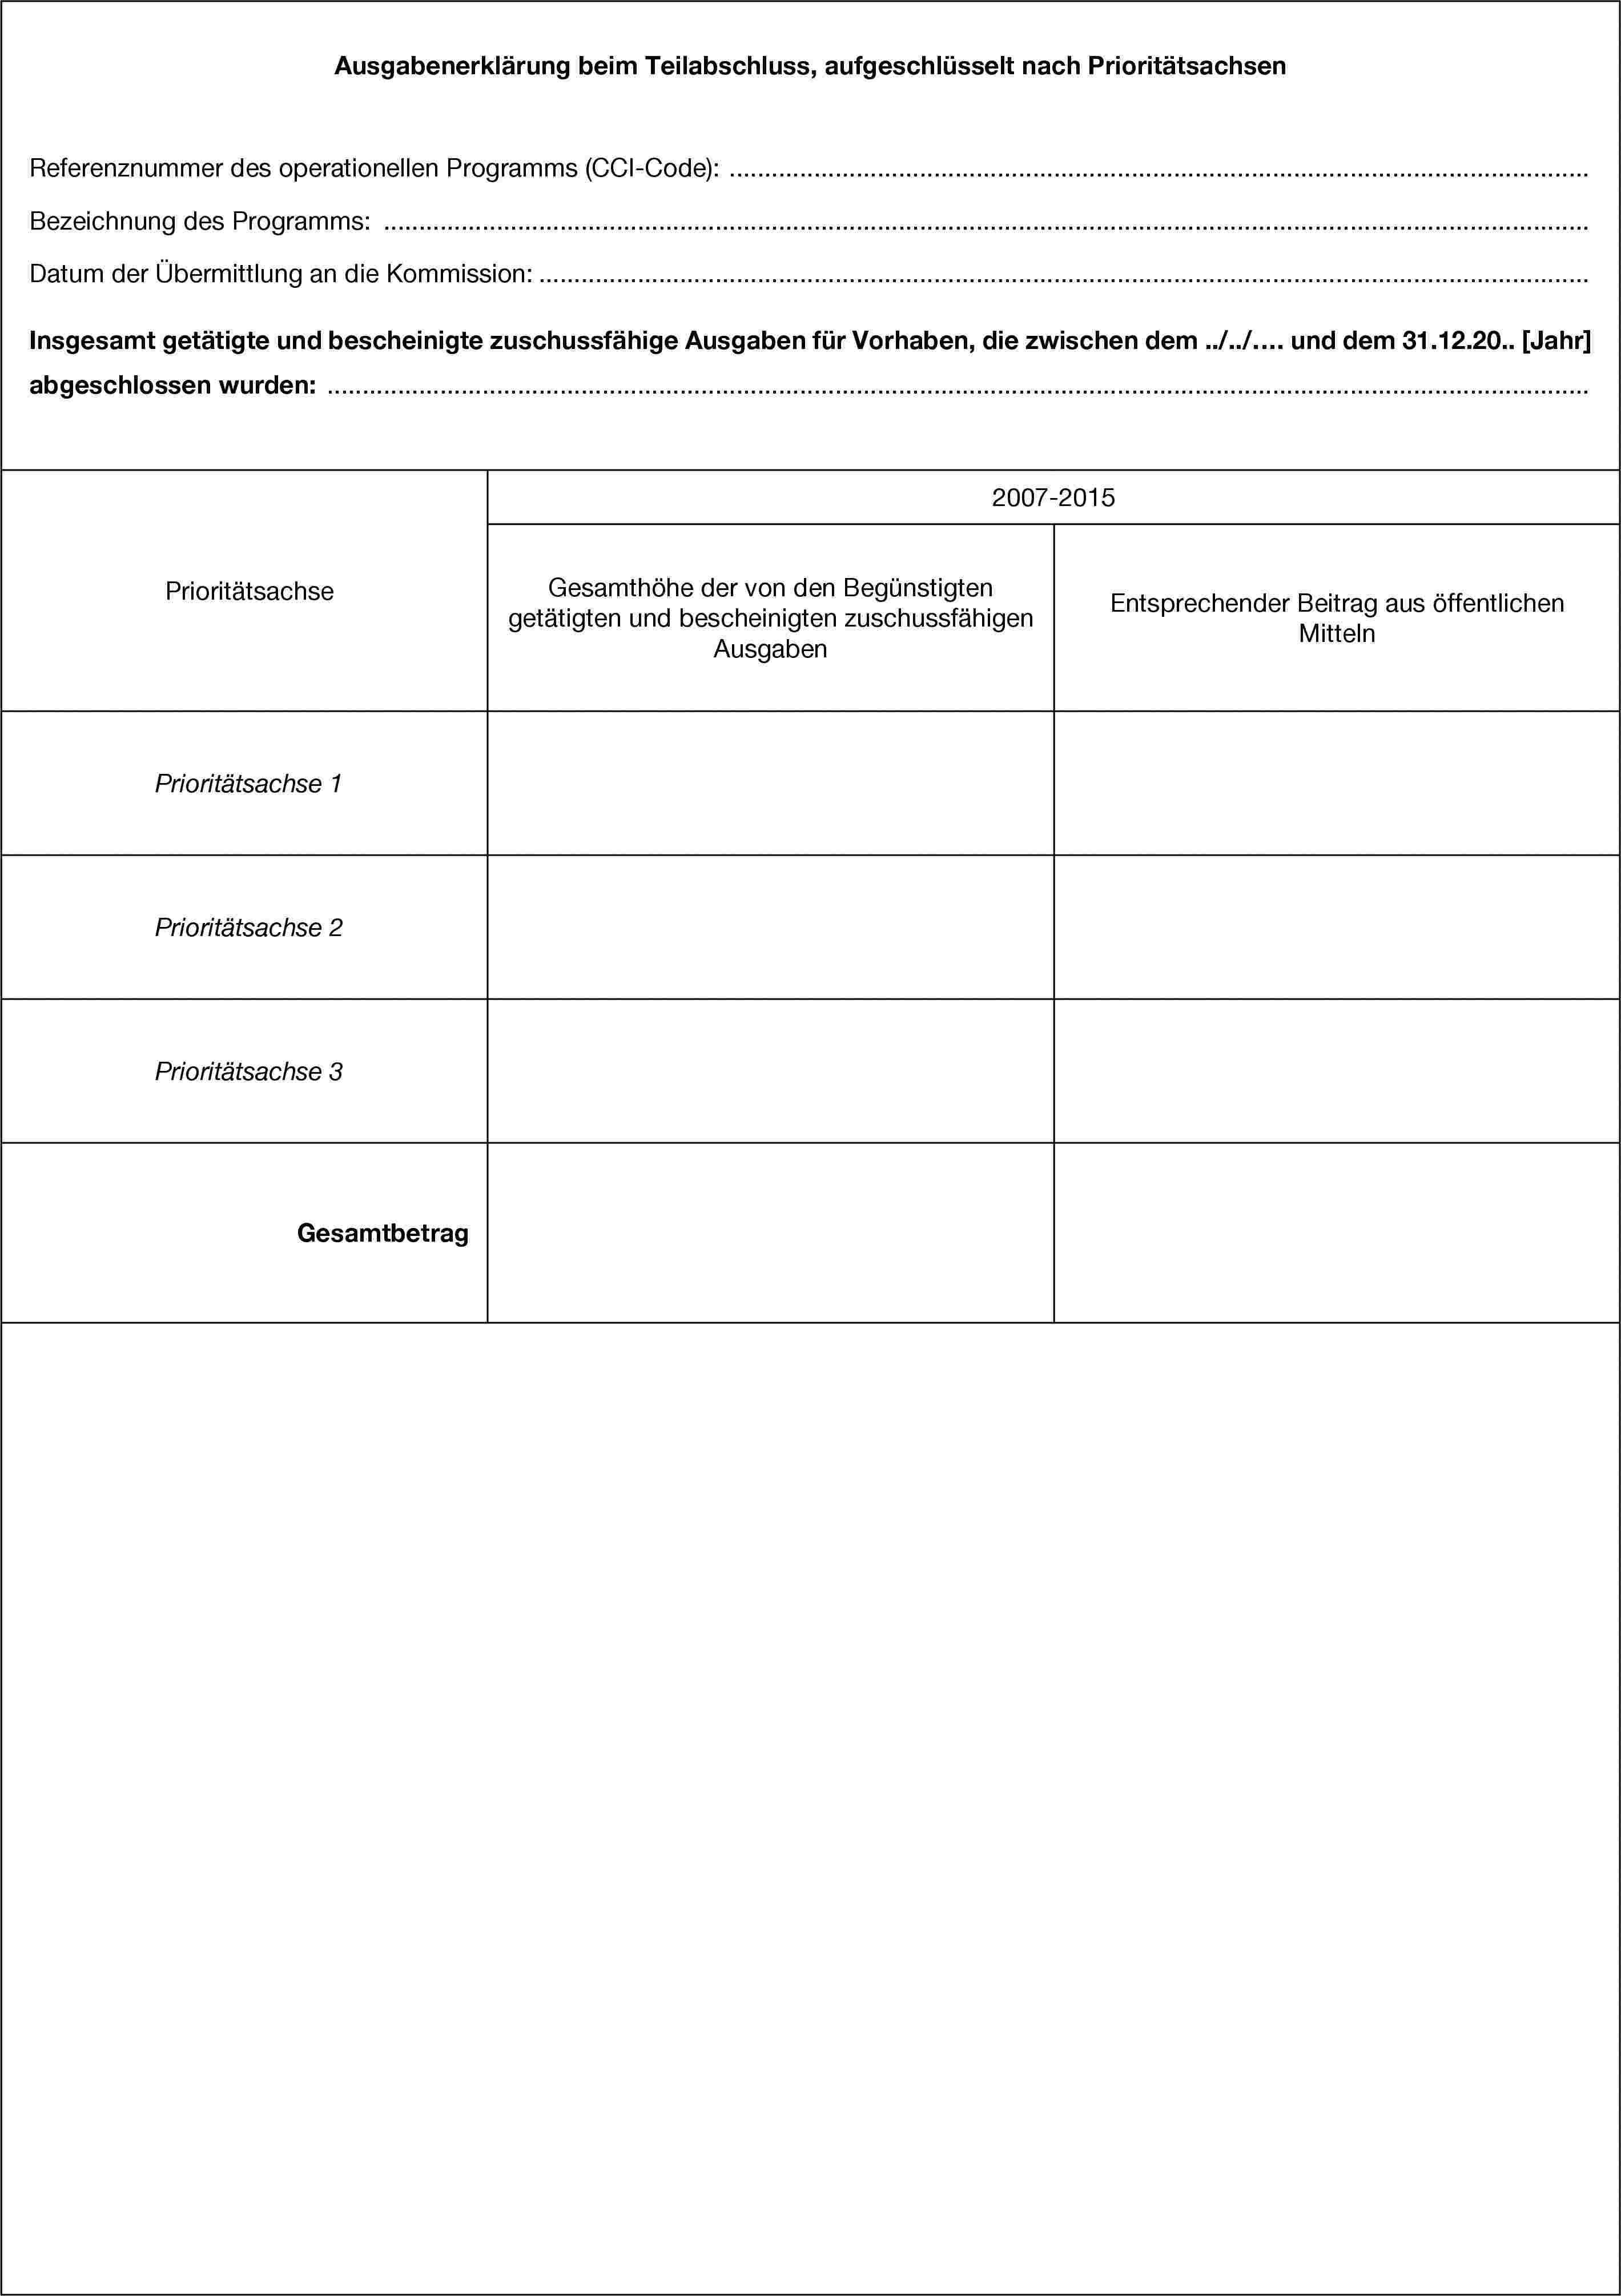 Gemütlich Fortschrittsbericht Vorlagen Zeitgenössisch - Entry Level ...